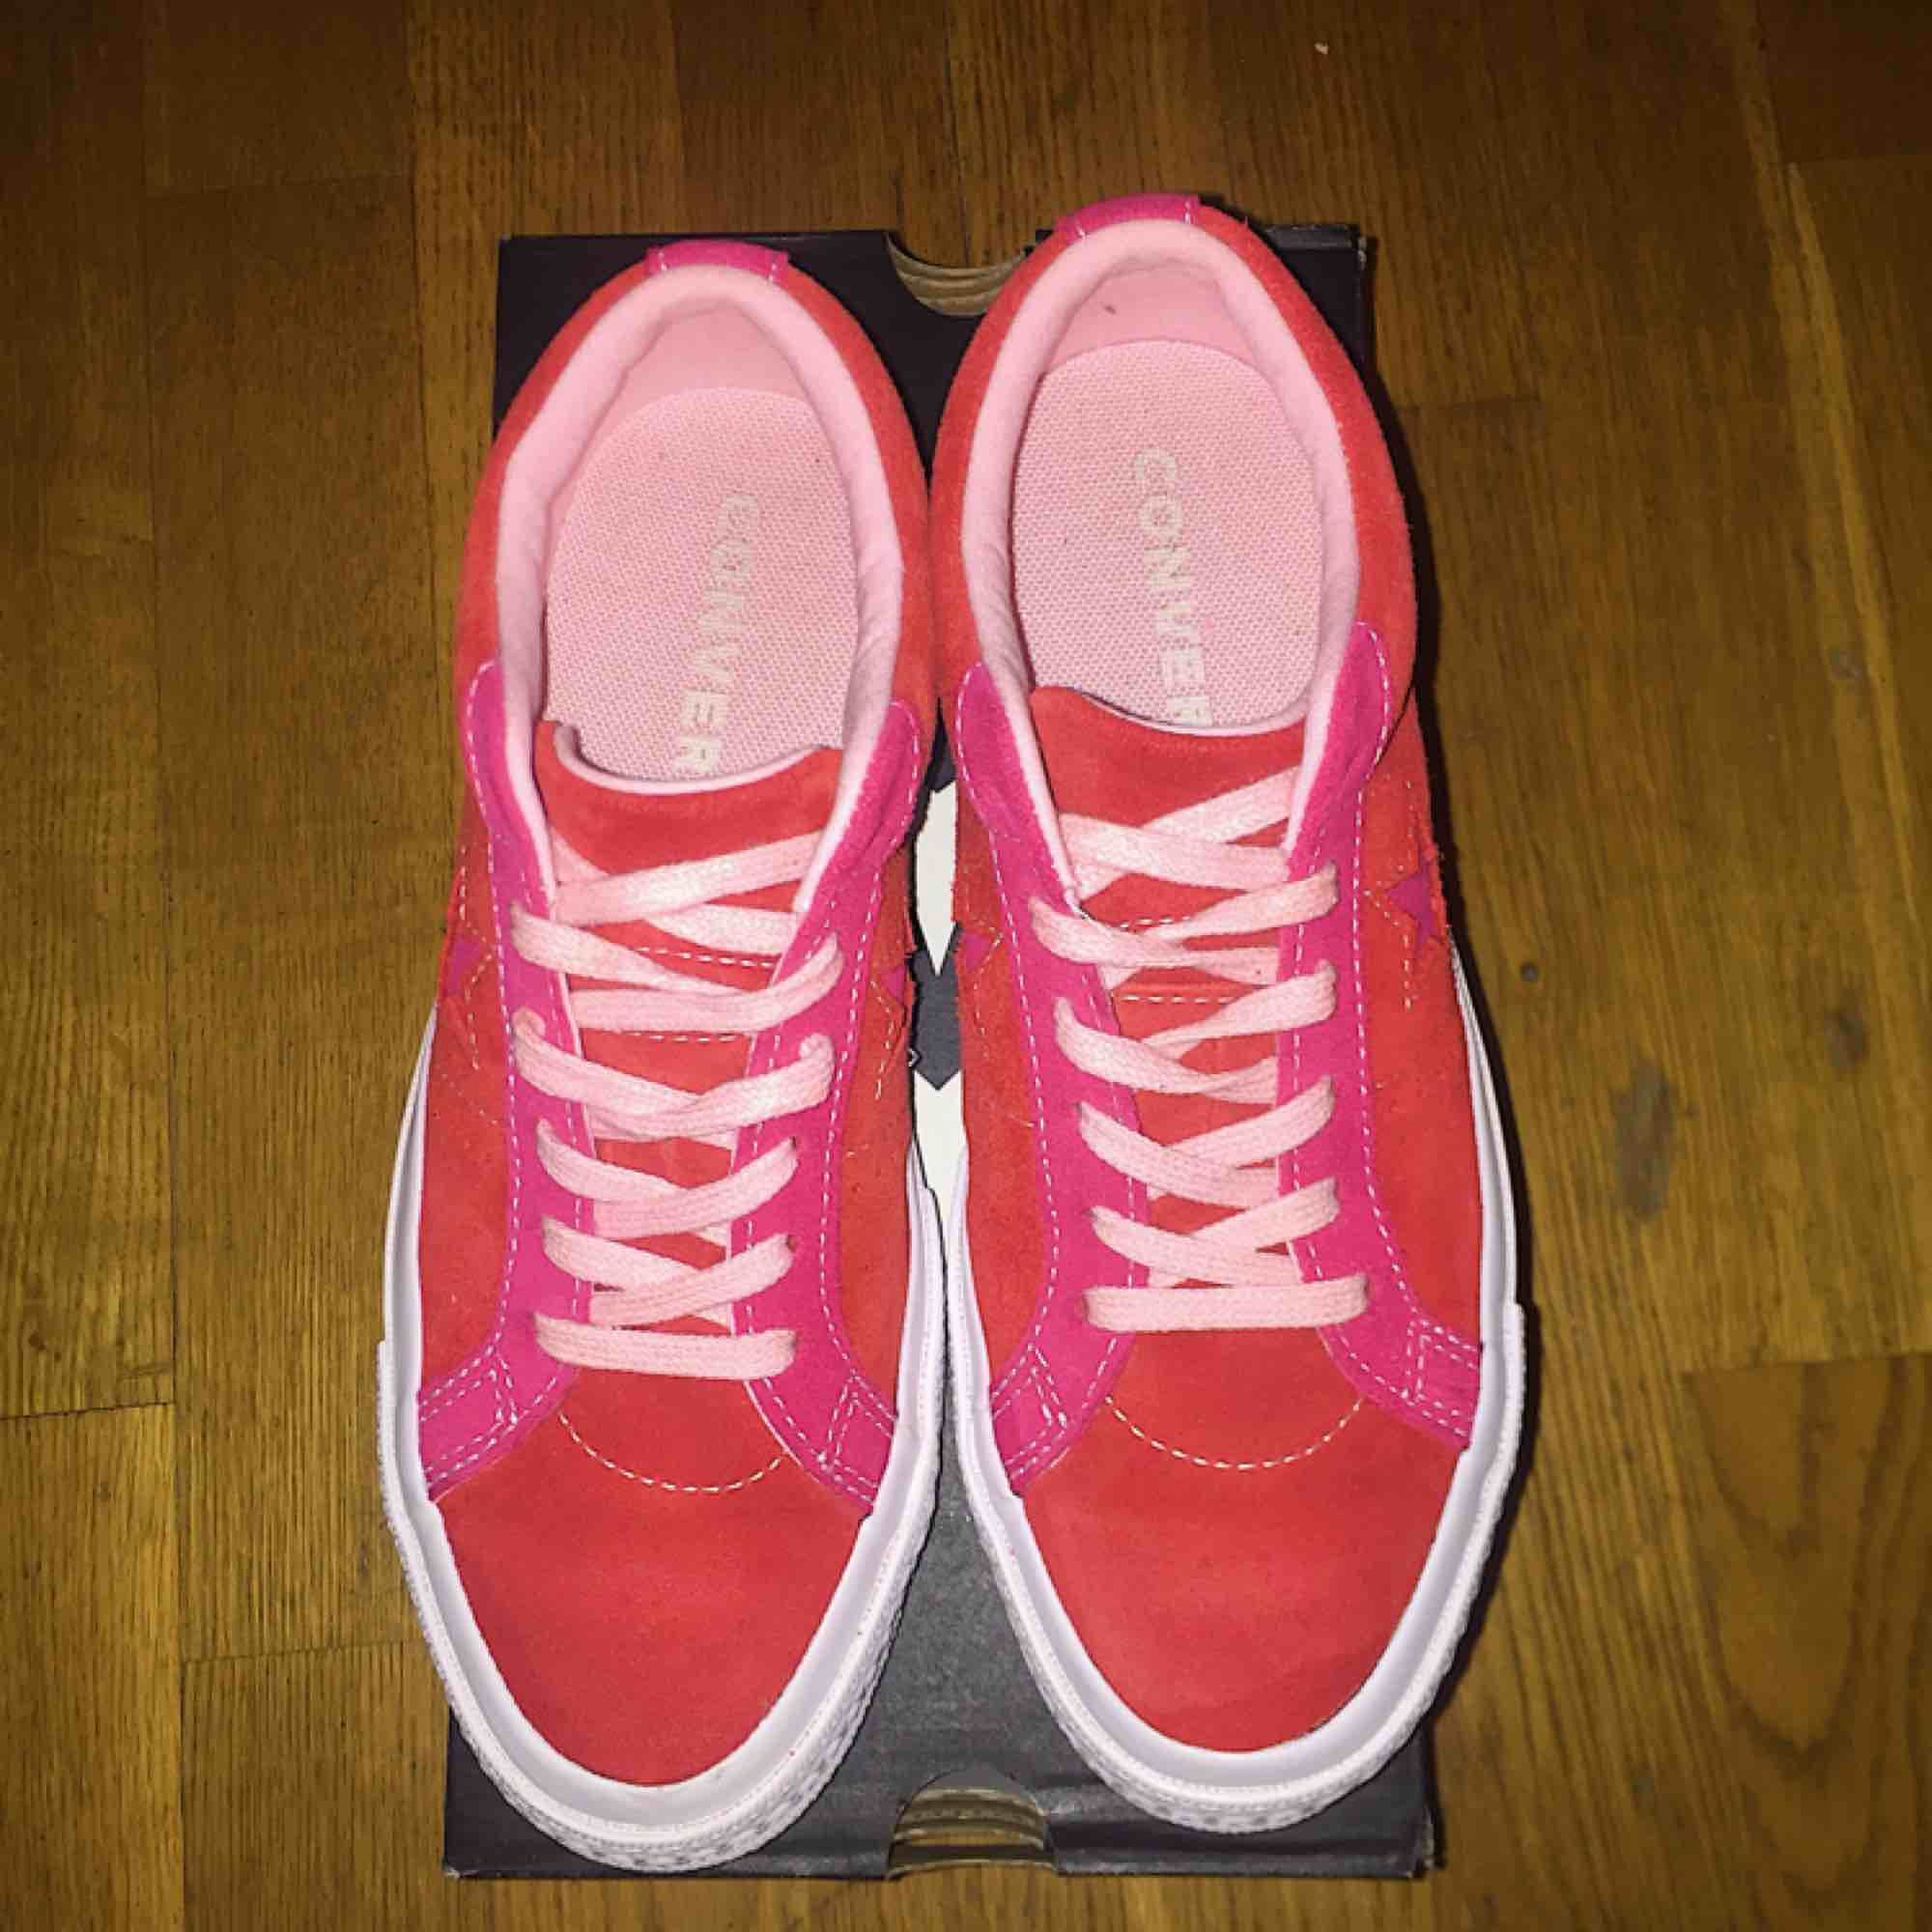 Converse One Star OX Enamel Red/Pink Pop  Storlek:36 Köpte de för 91,50 Euro (963kr) Använt de bara 1 gång men säljer de för att de har aldrig kommit till användning. Fraktar inte de här. . Skor.